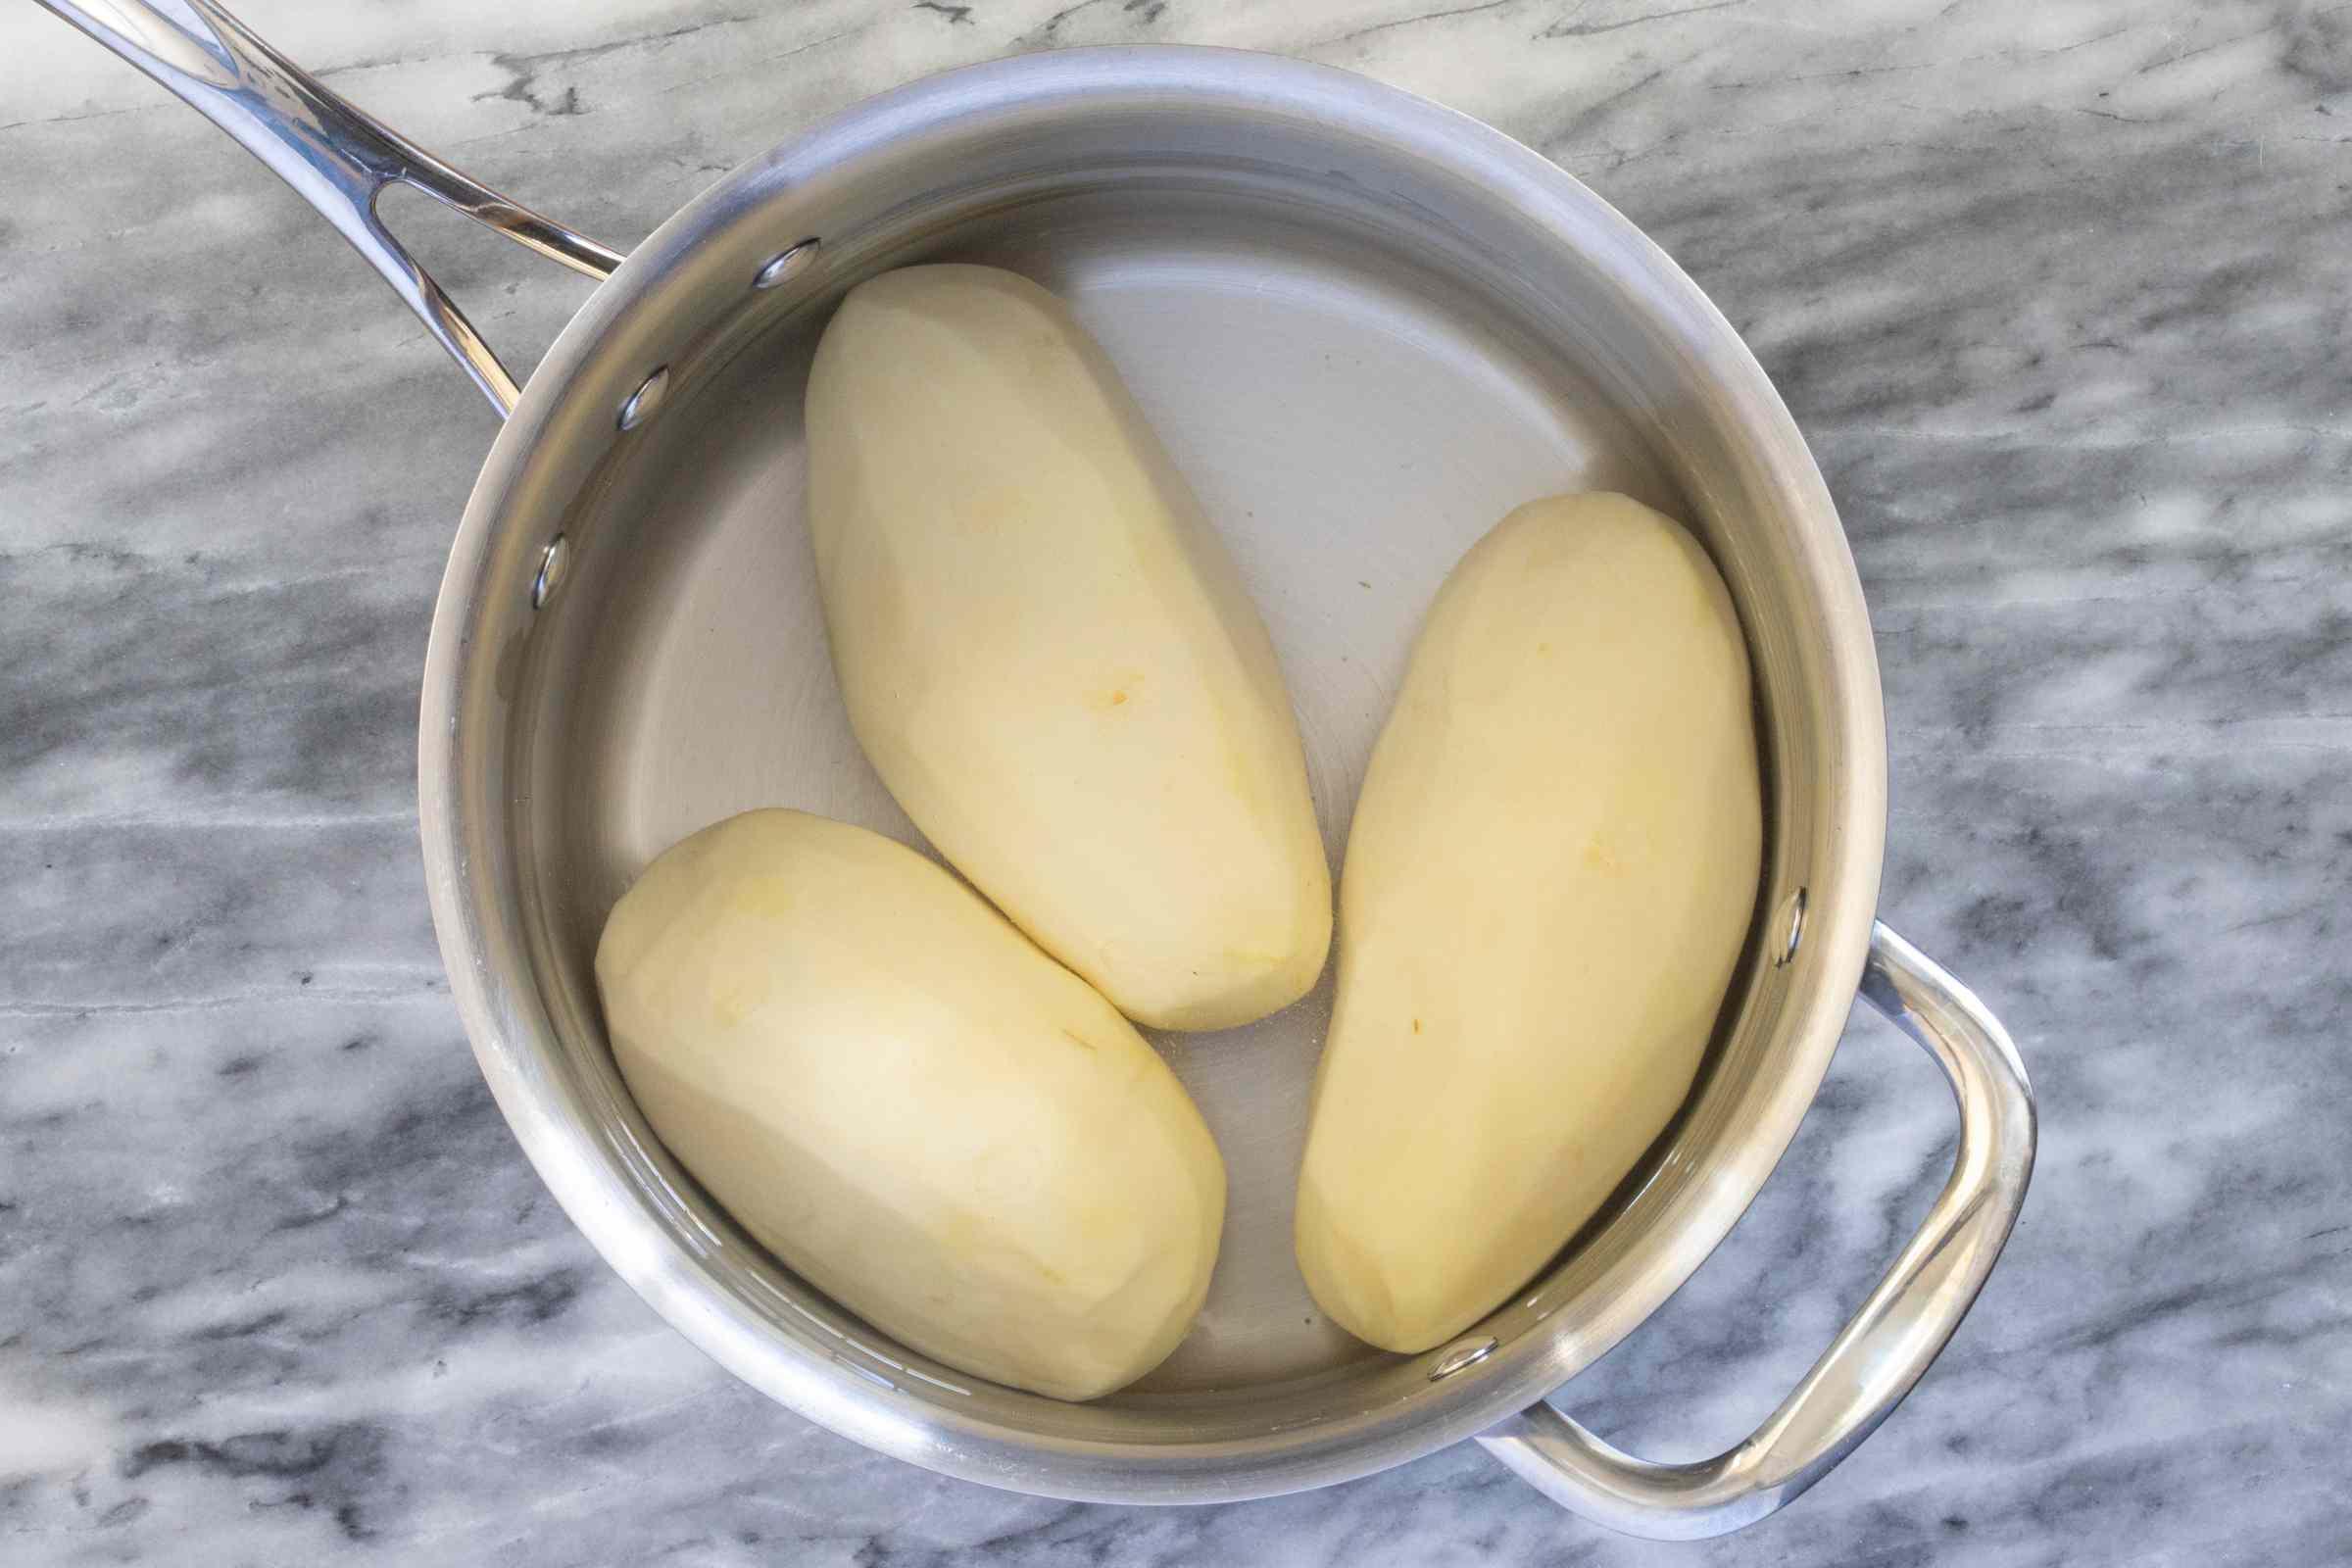 Potatoes in the saucepan.